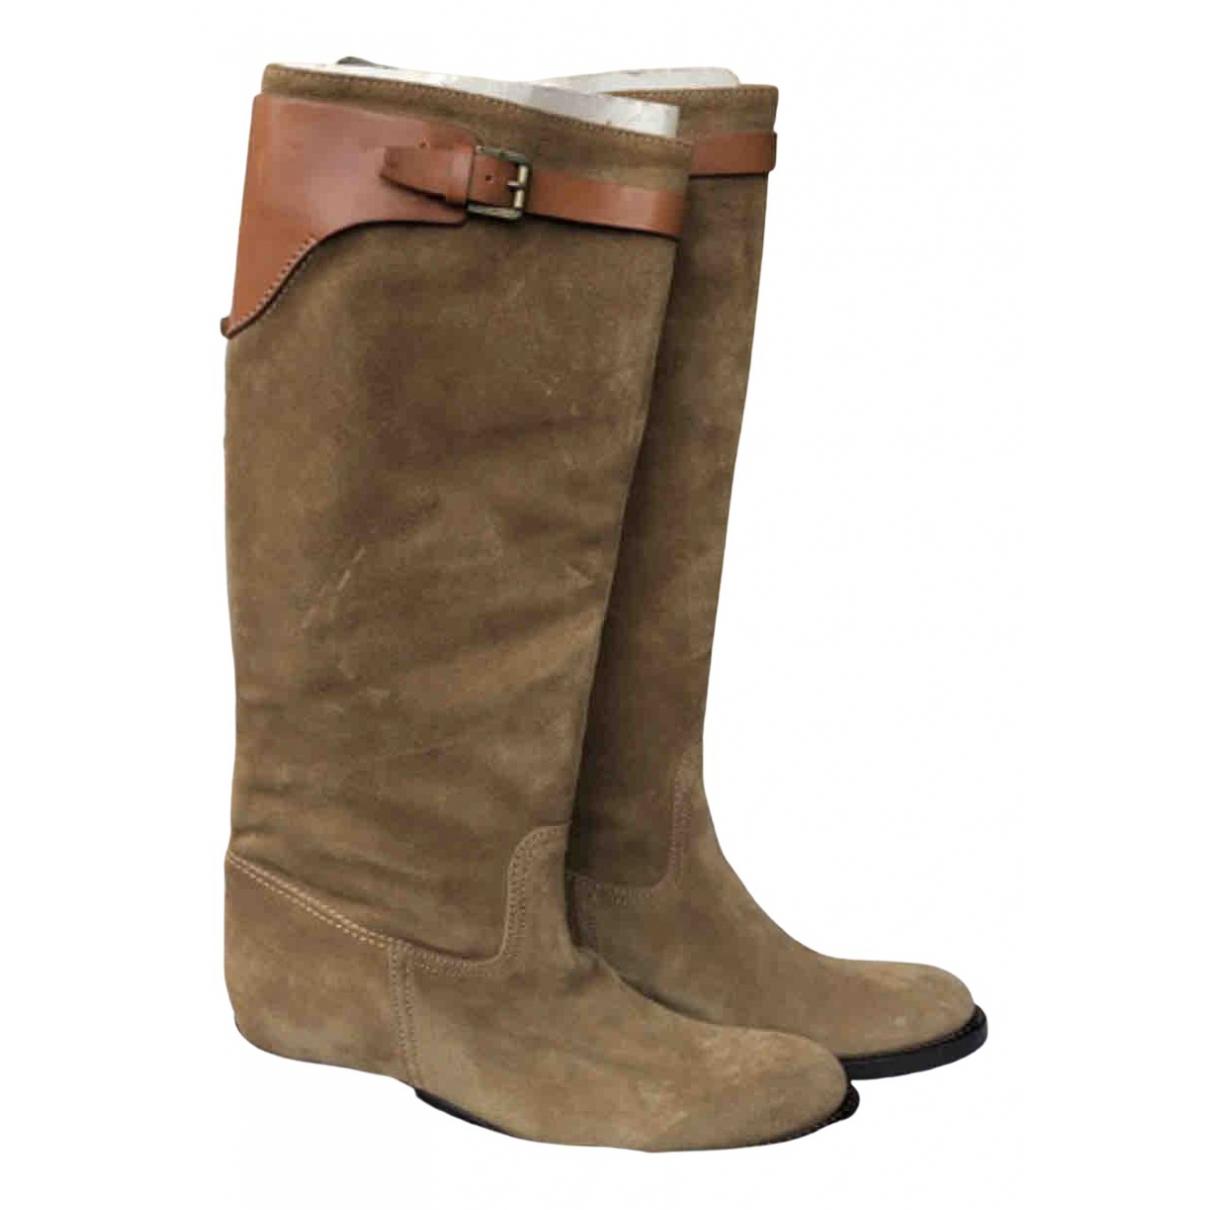 Polo Ralph Lauren N Beige Suede Boots for Women 7 UK